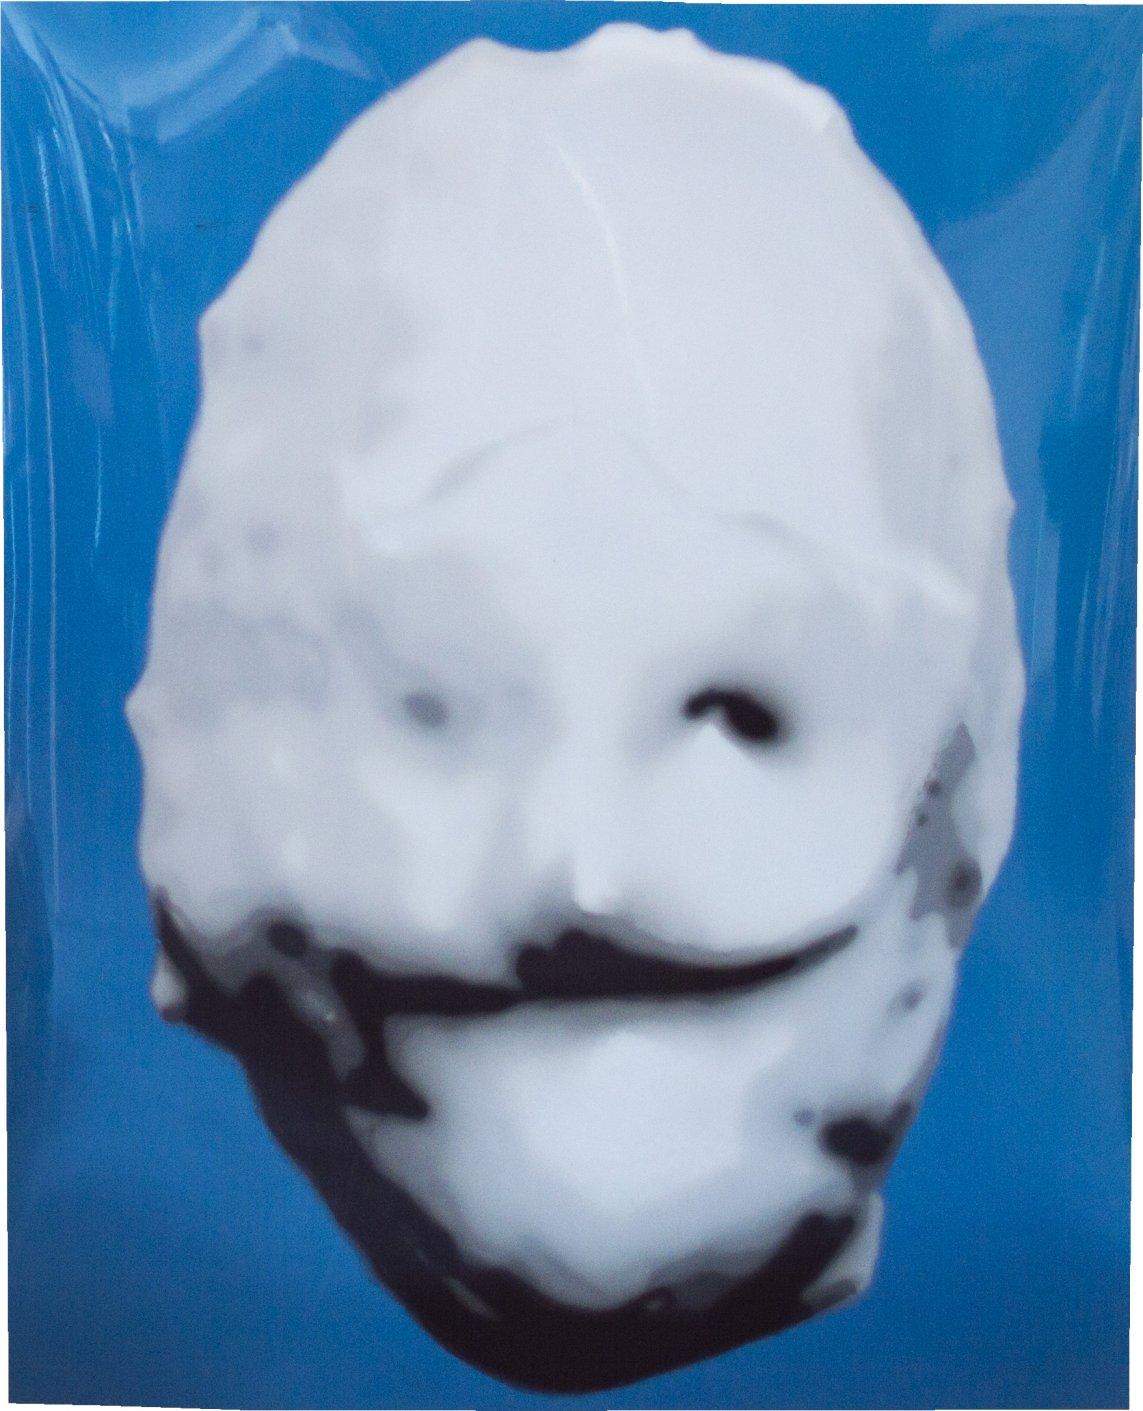 Uma máscara para o pescoço (2018) - Carlos Arteiro